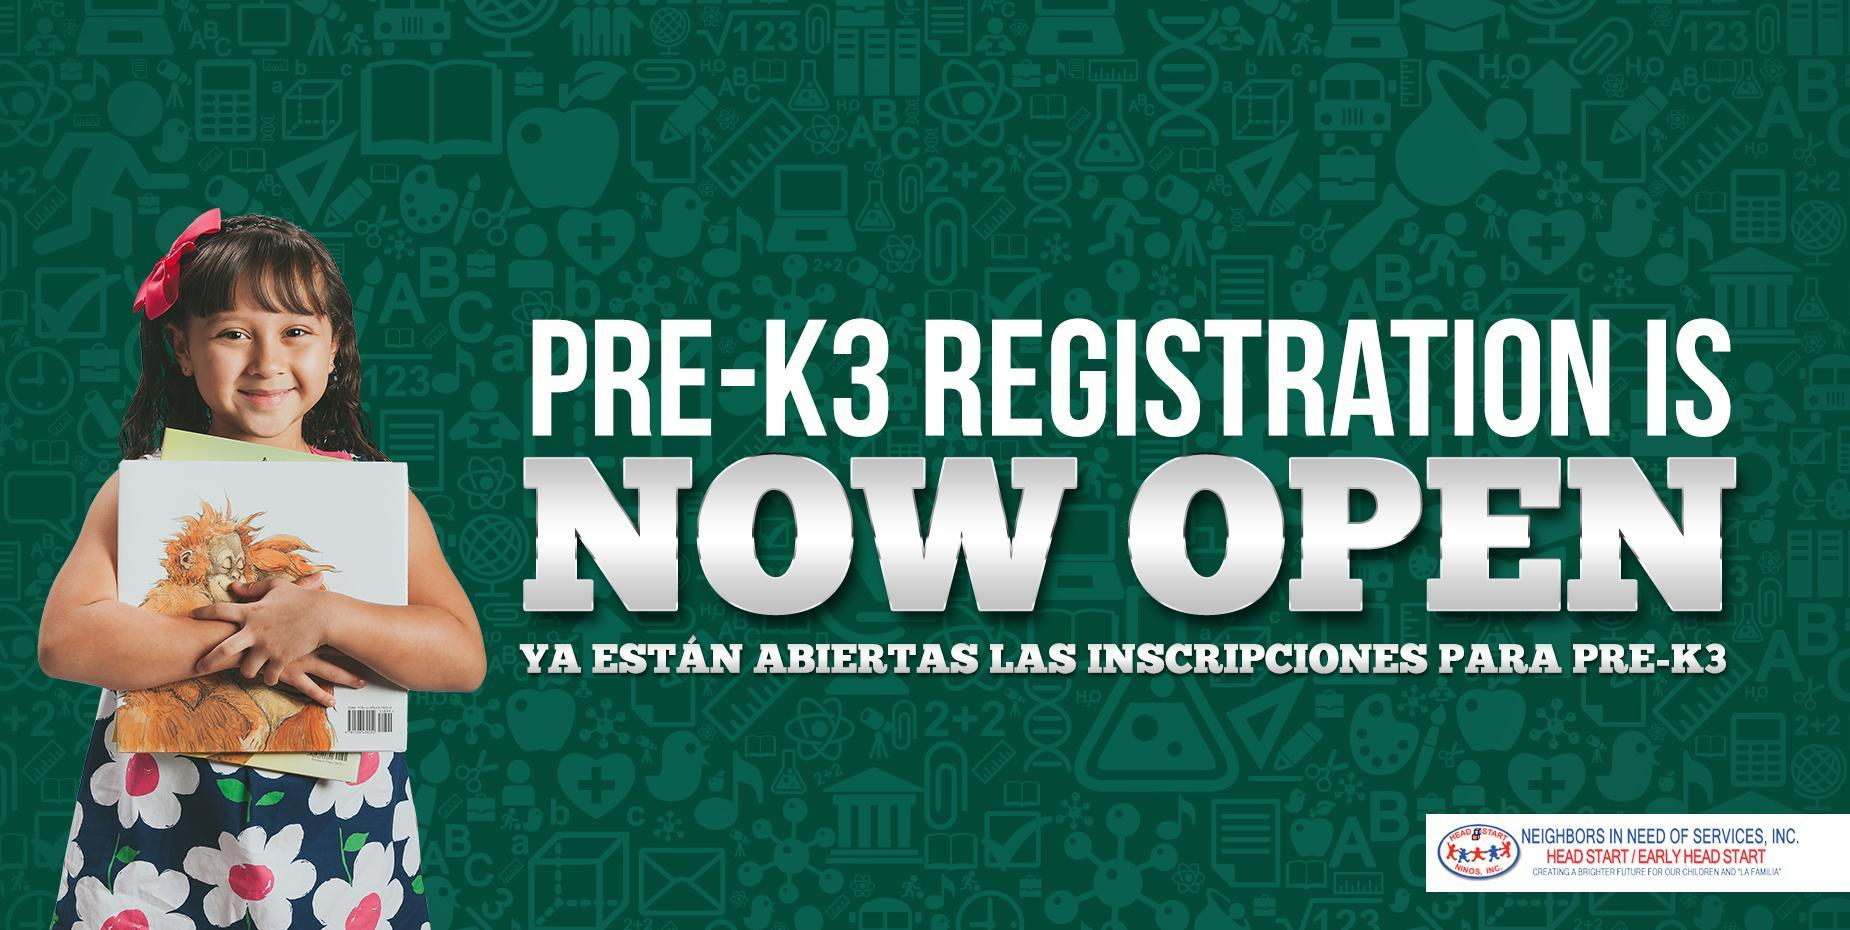 PRE-K3 Registration is Now Open